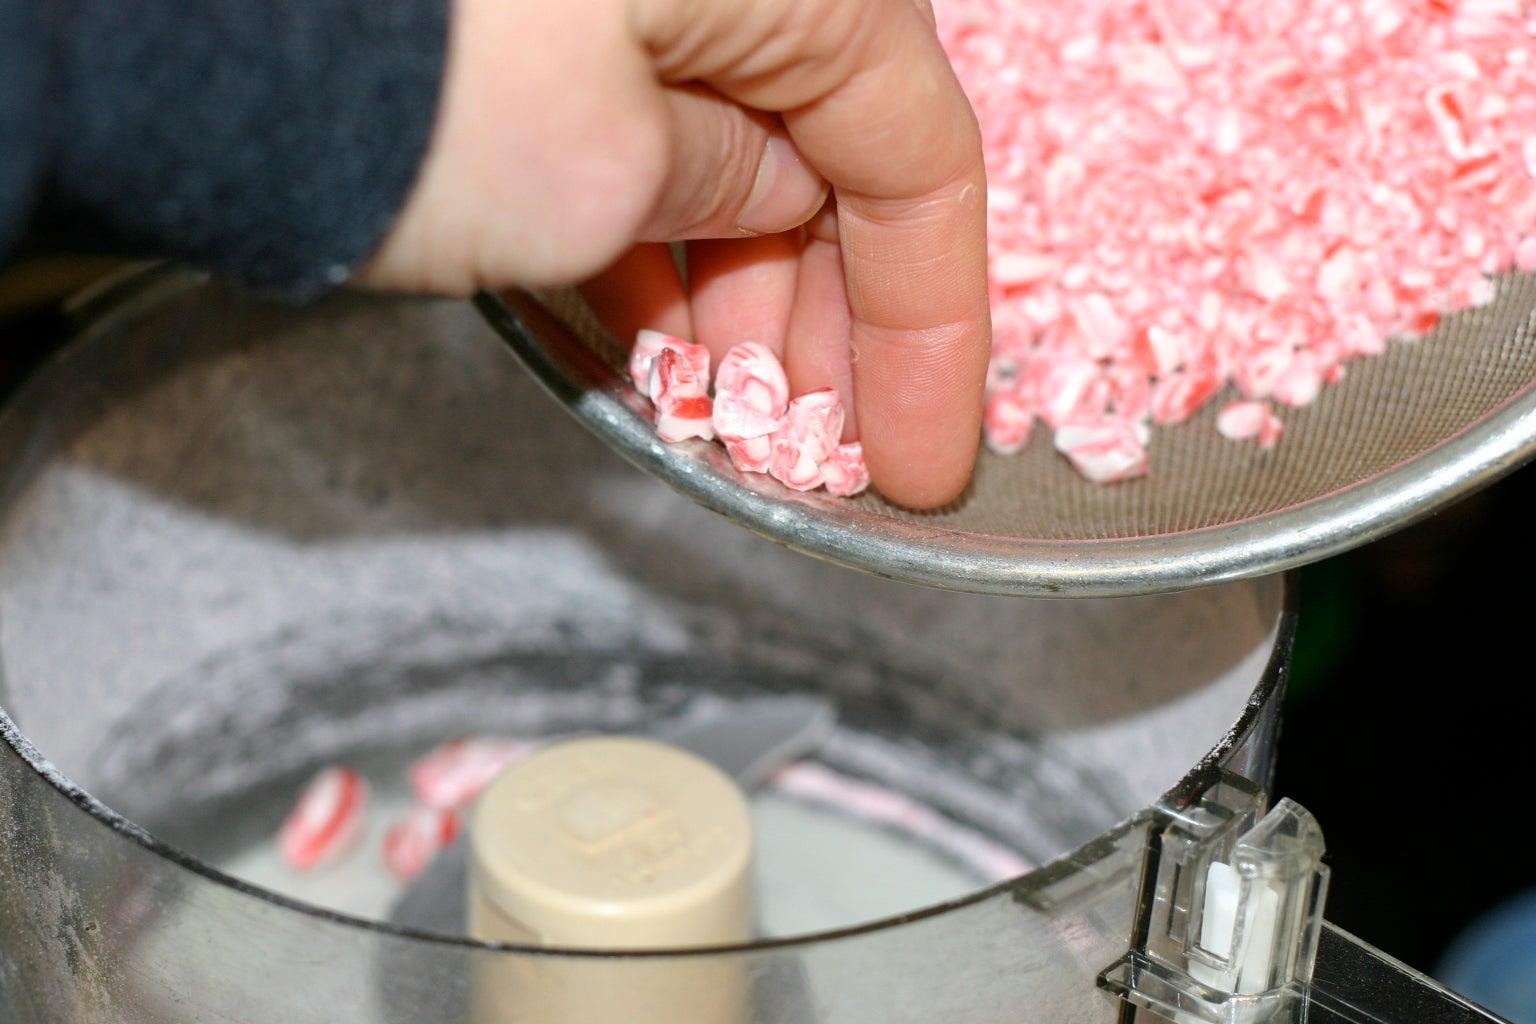 Crunch Peppermint Candies